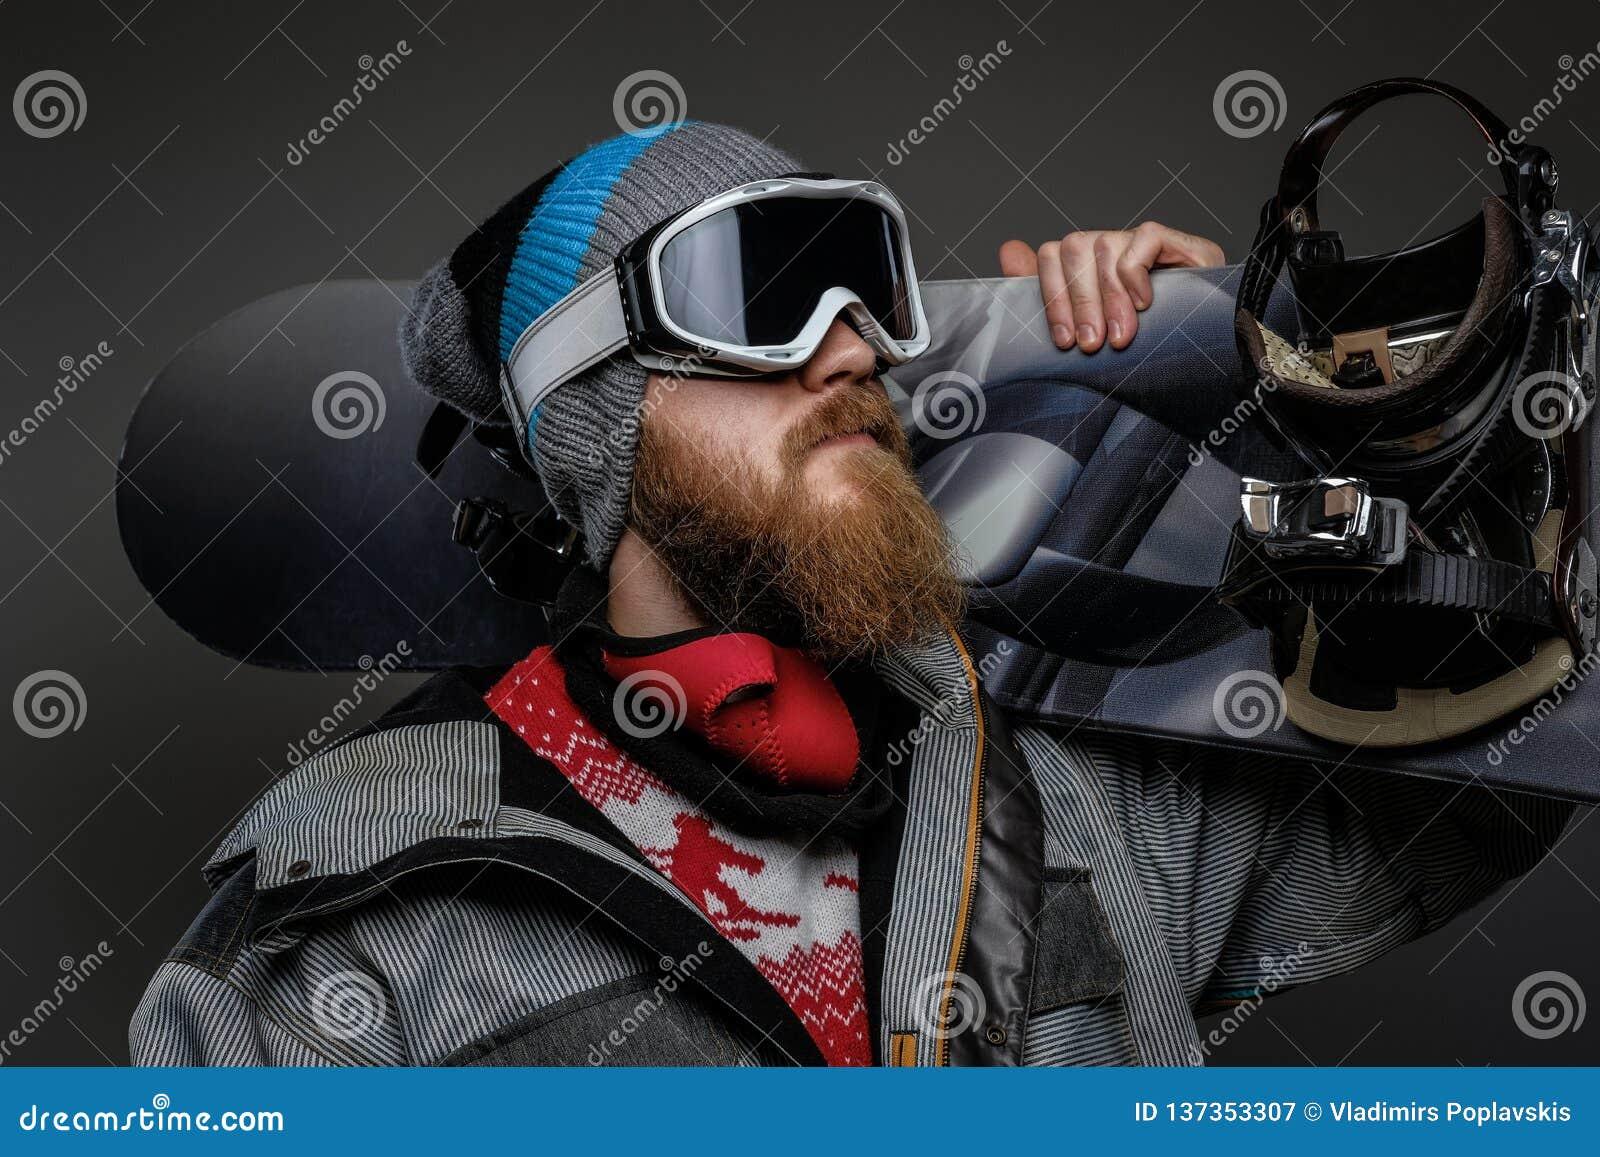 Βάναυσο άτομο με μια κόκκινη γενειάδα που φορά μια πλήρη εκμετάλλευση εξοπλισμού ένα σνόουμπορντ στον ώμο του, που απομονώνεται σ